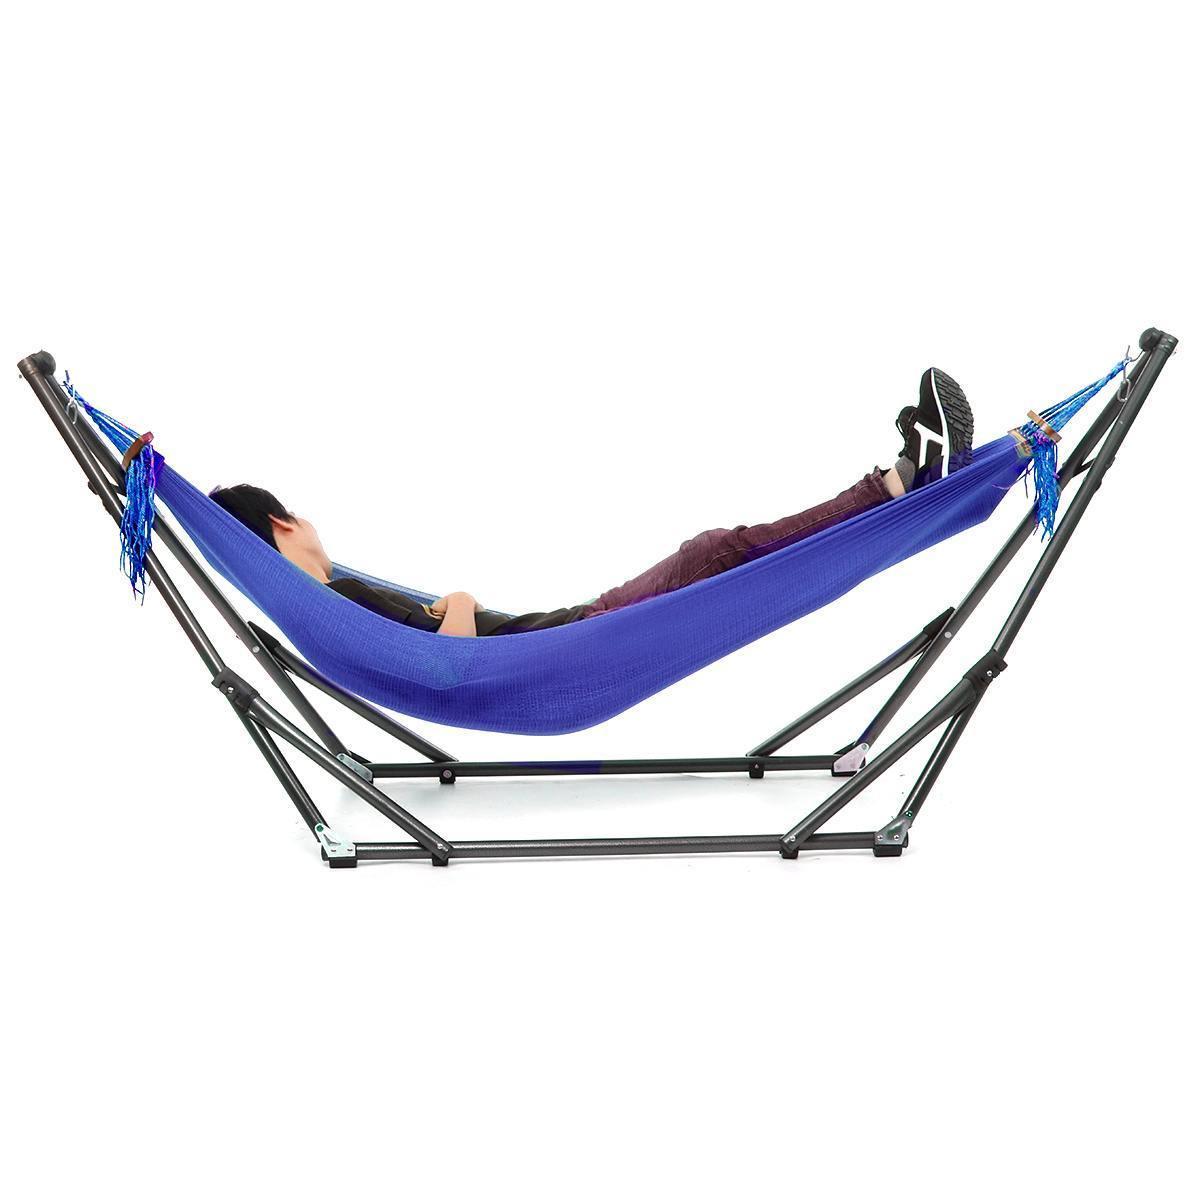 Portátil Dobrável Tubulação de Aço Sleep Switch Hammock Stand Bag Kit Grupo Jardim Outdoor Hunting Camping Mobiliário 250KG